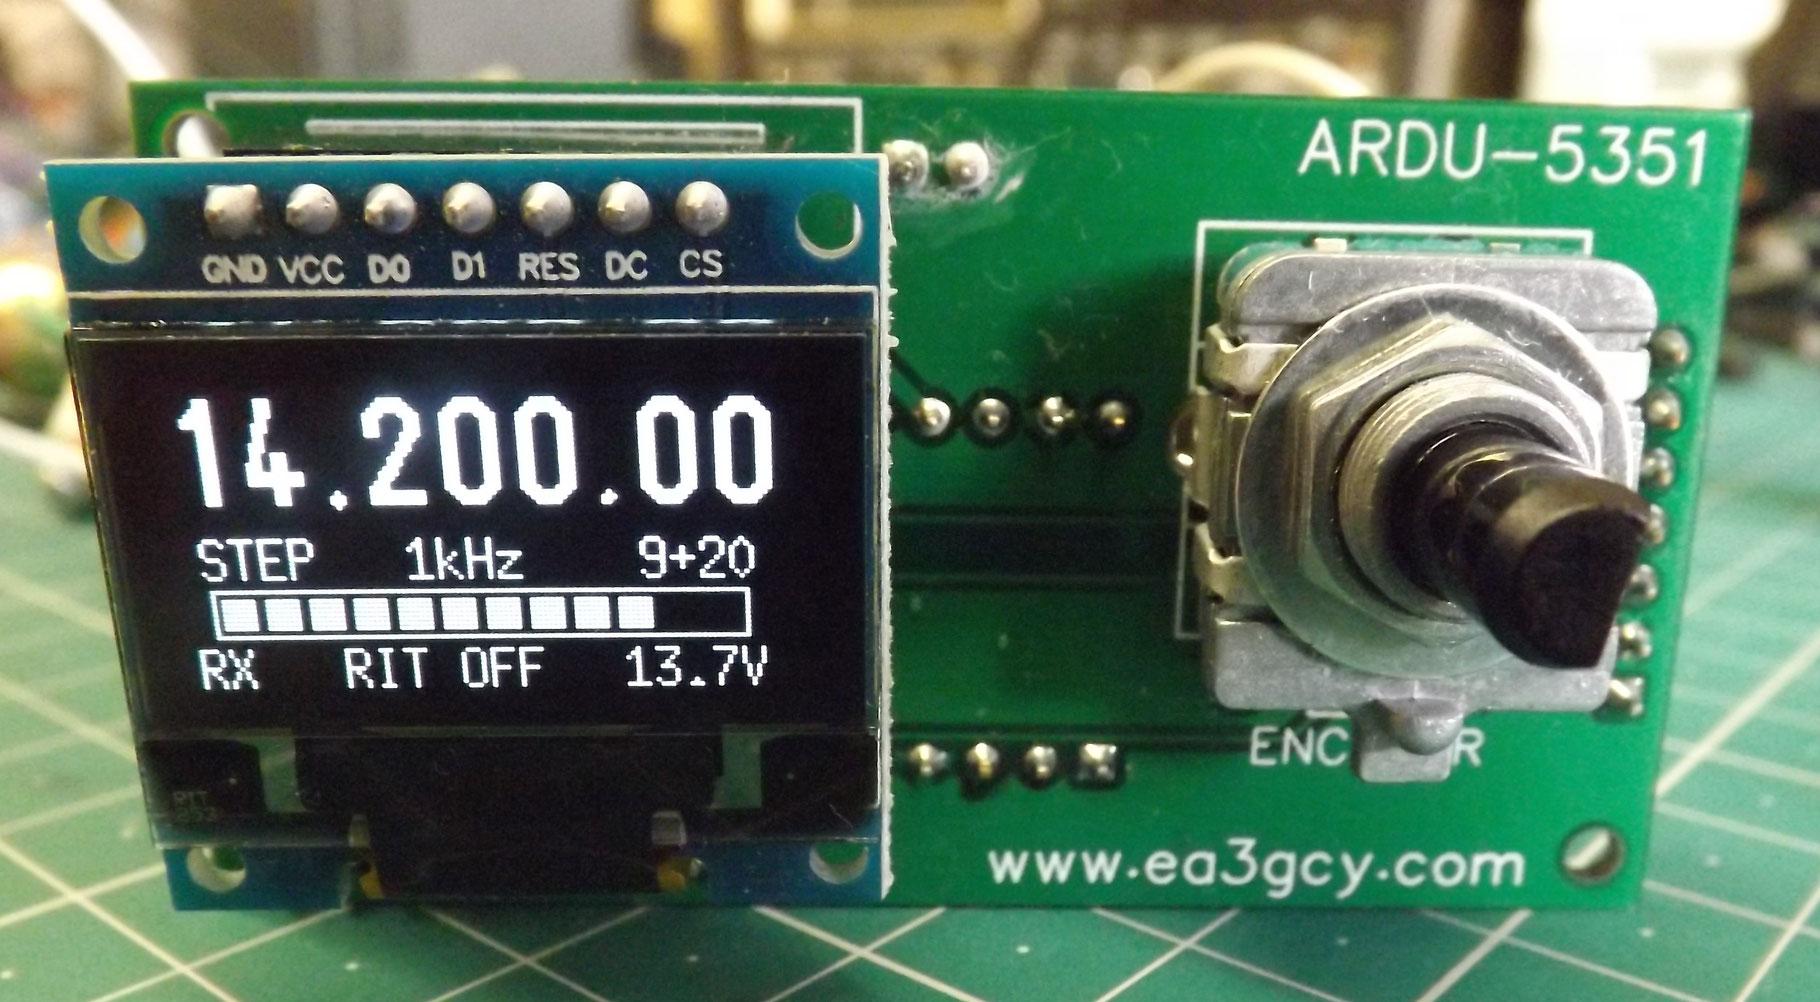 ARDU-5351